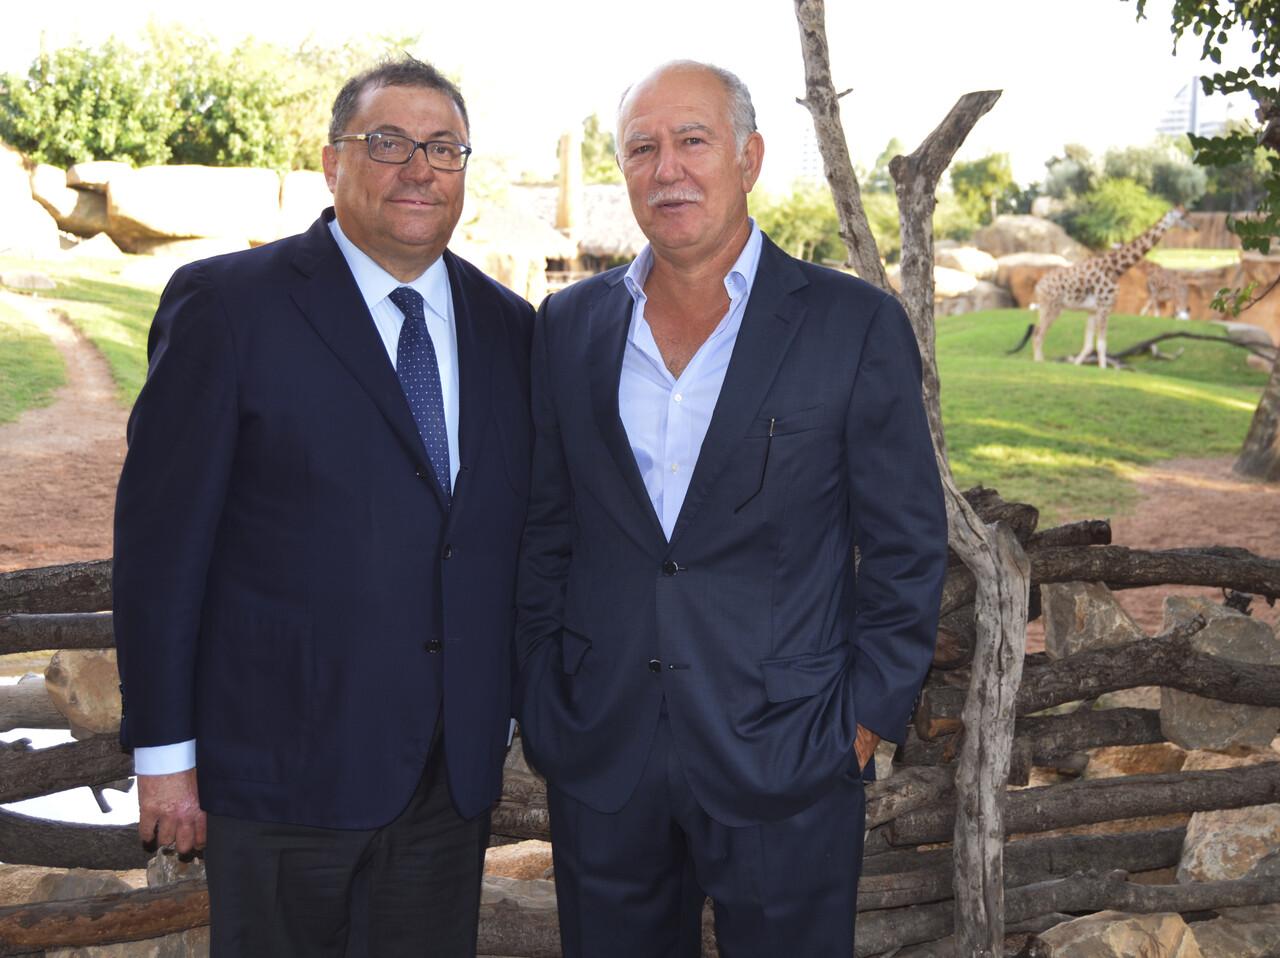 Ramon Agenjo, Fundación DAMM y José Maldonado, Fundación BIOPARC